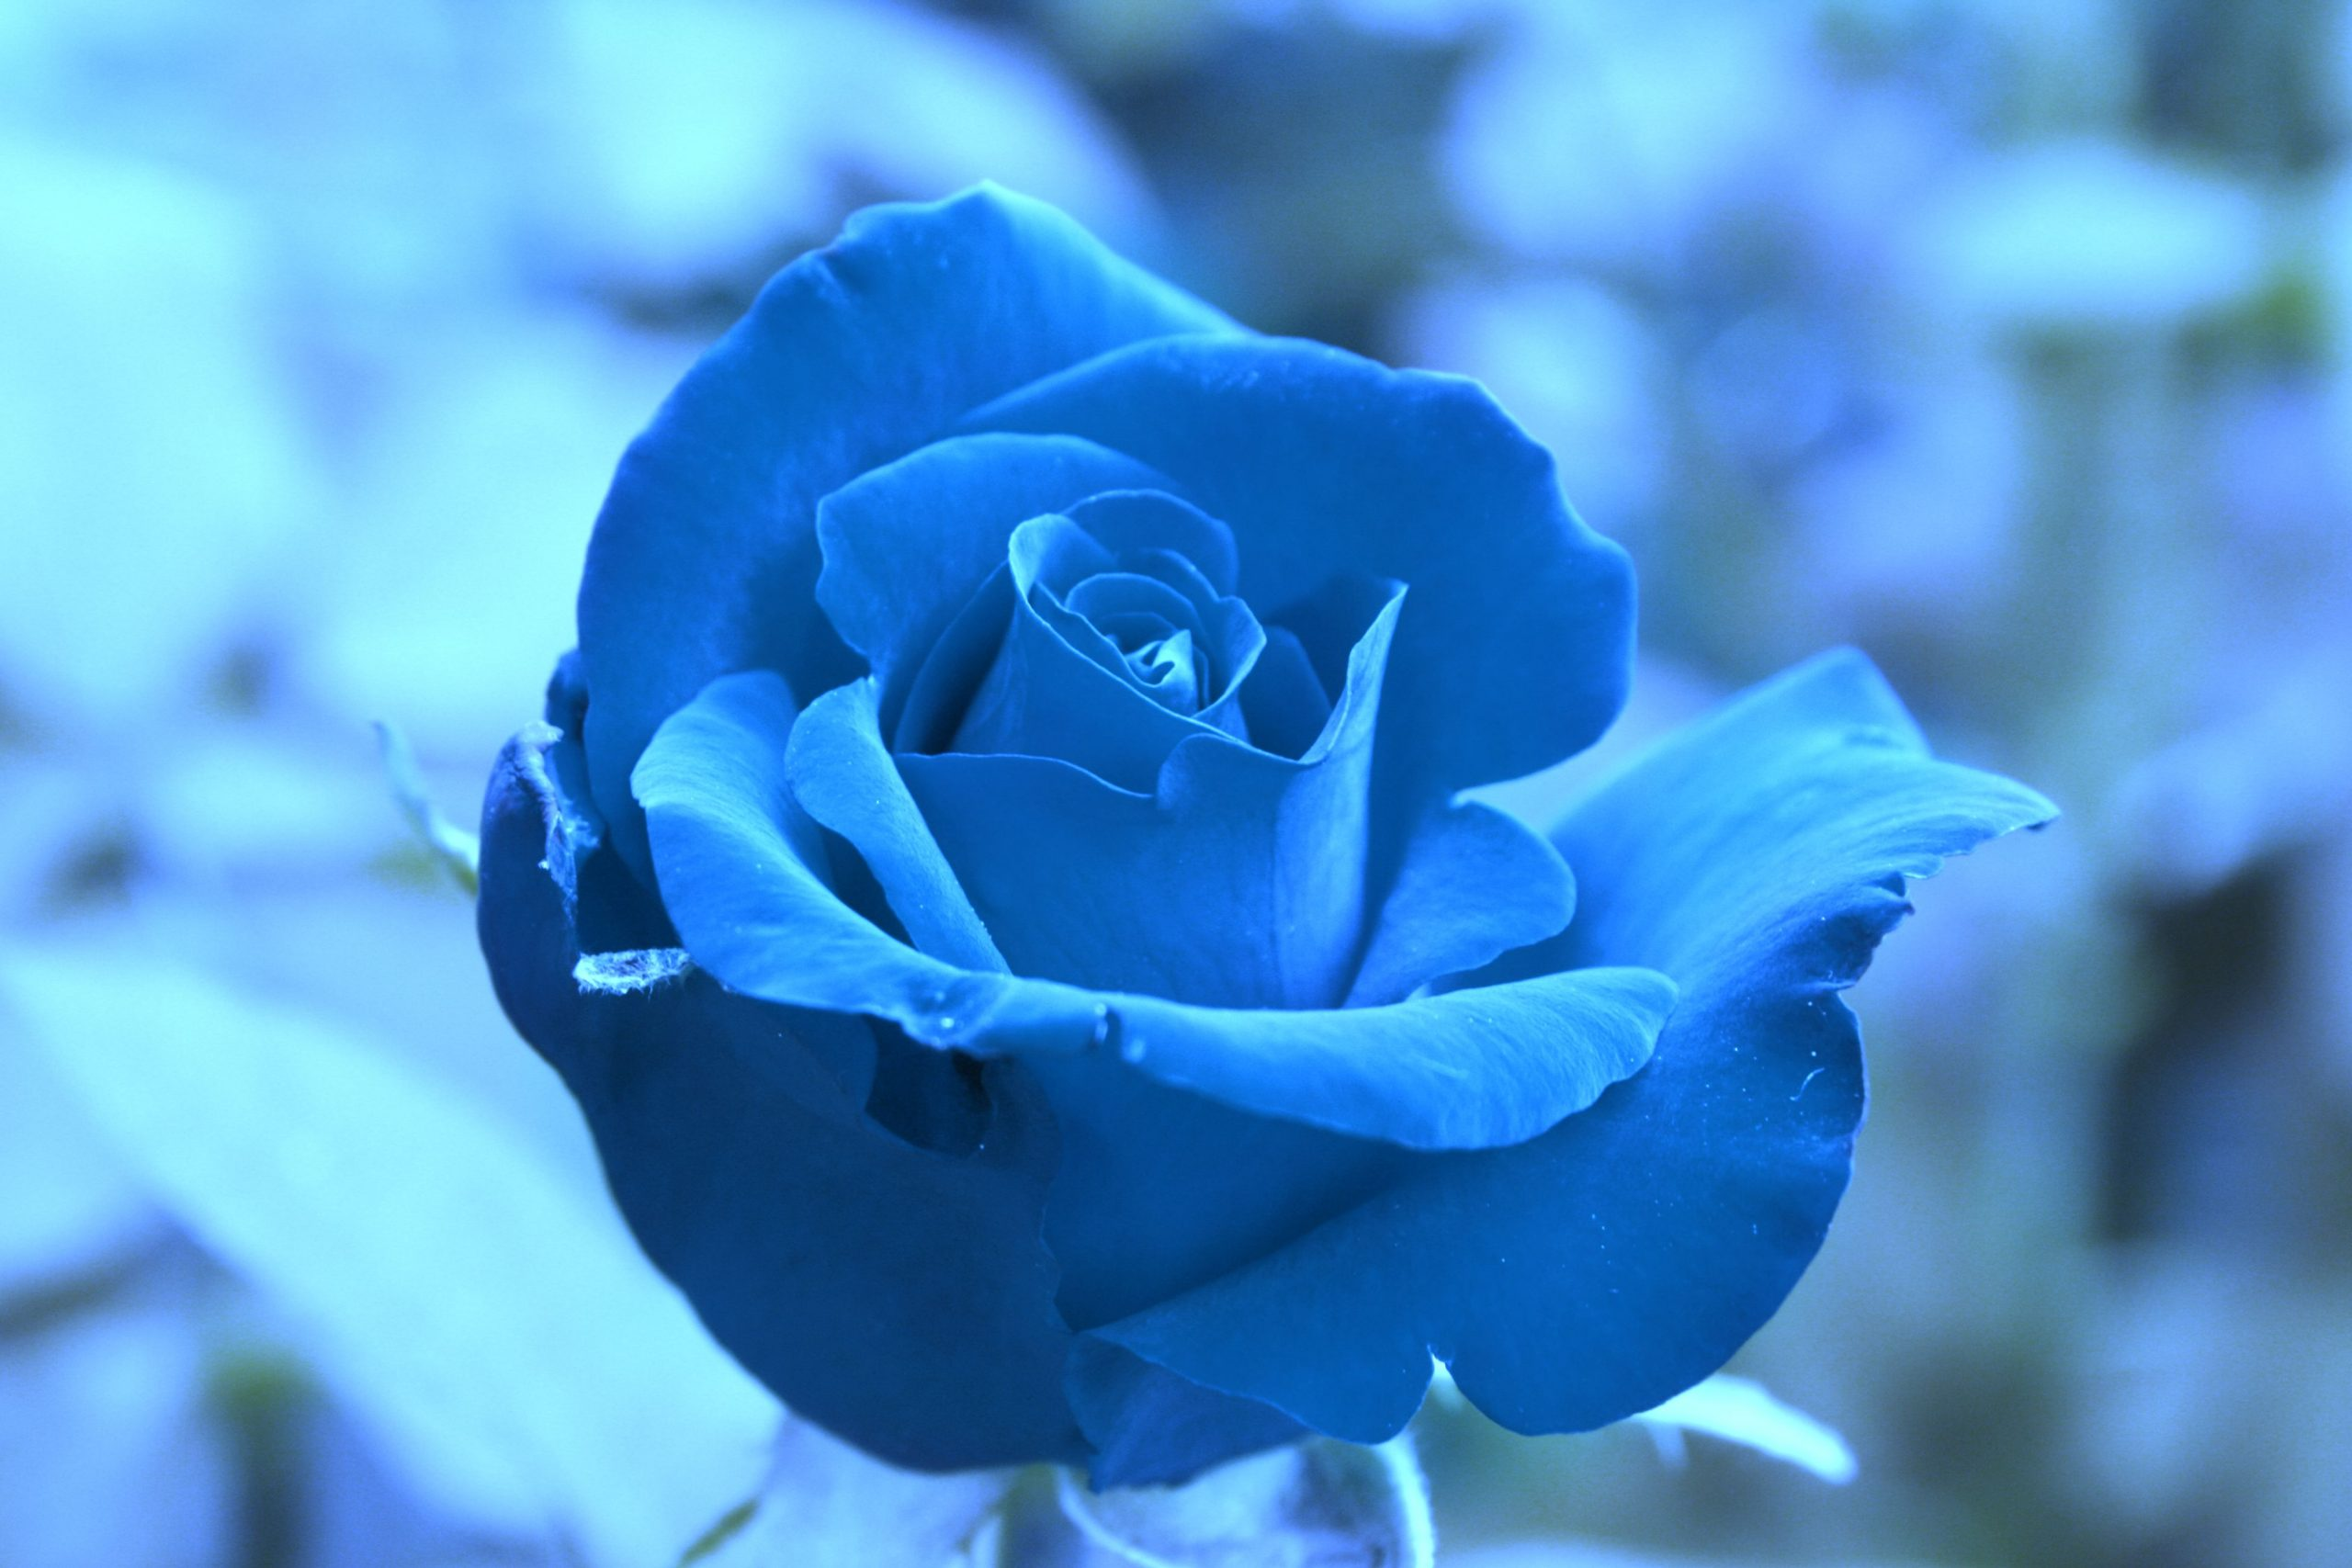 چرا گل ها بو دارند و بوی عطر گل چرا آرامش بخش است؟